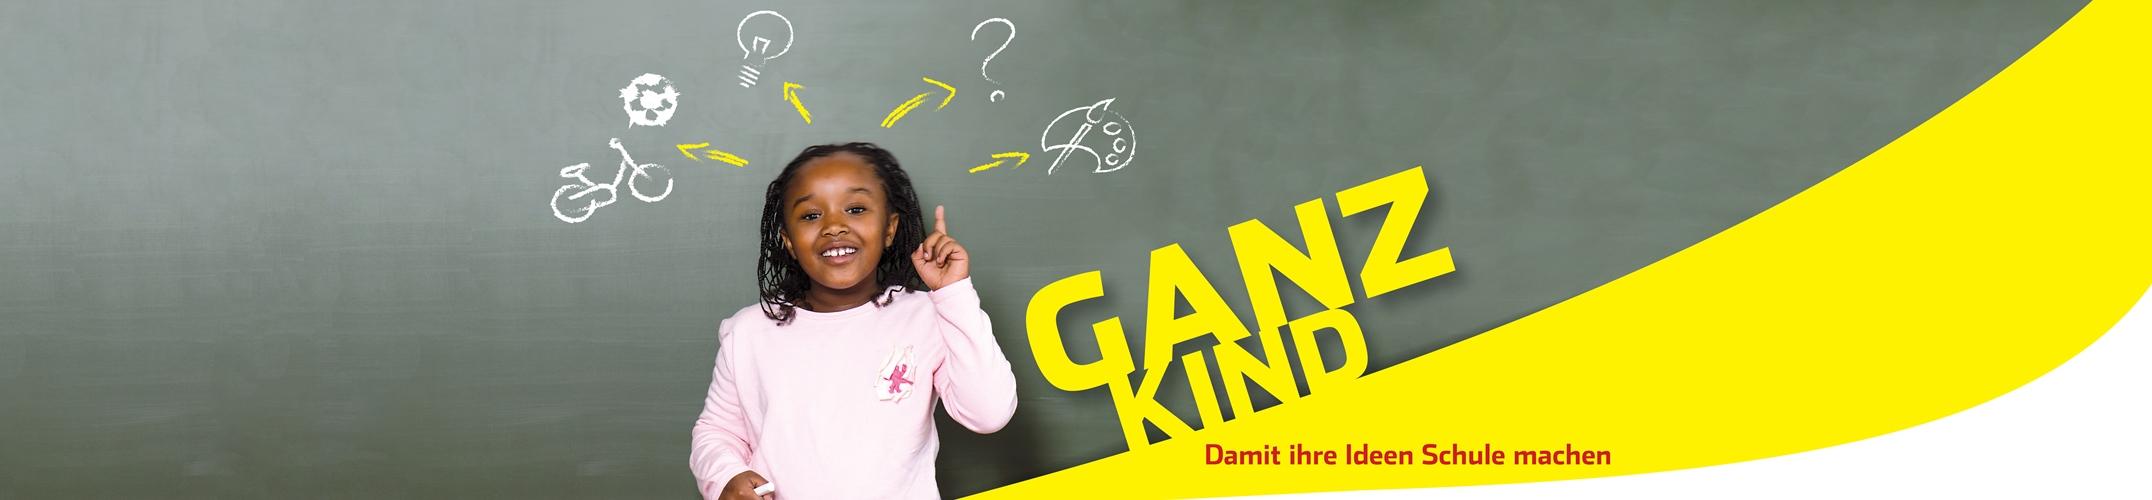 Ganz Kind - bei einer guten GBS-Betreuung steht das Kind im Mittelpunkt